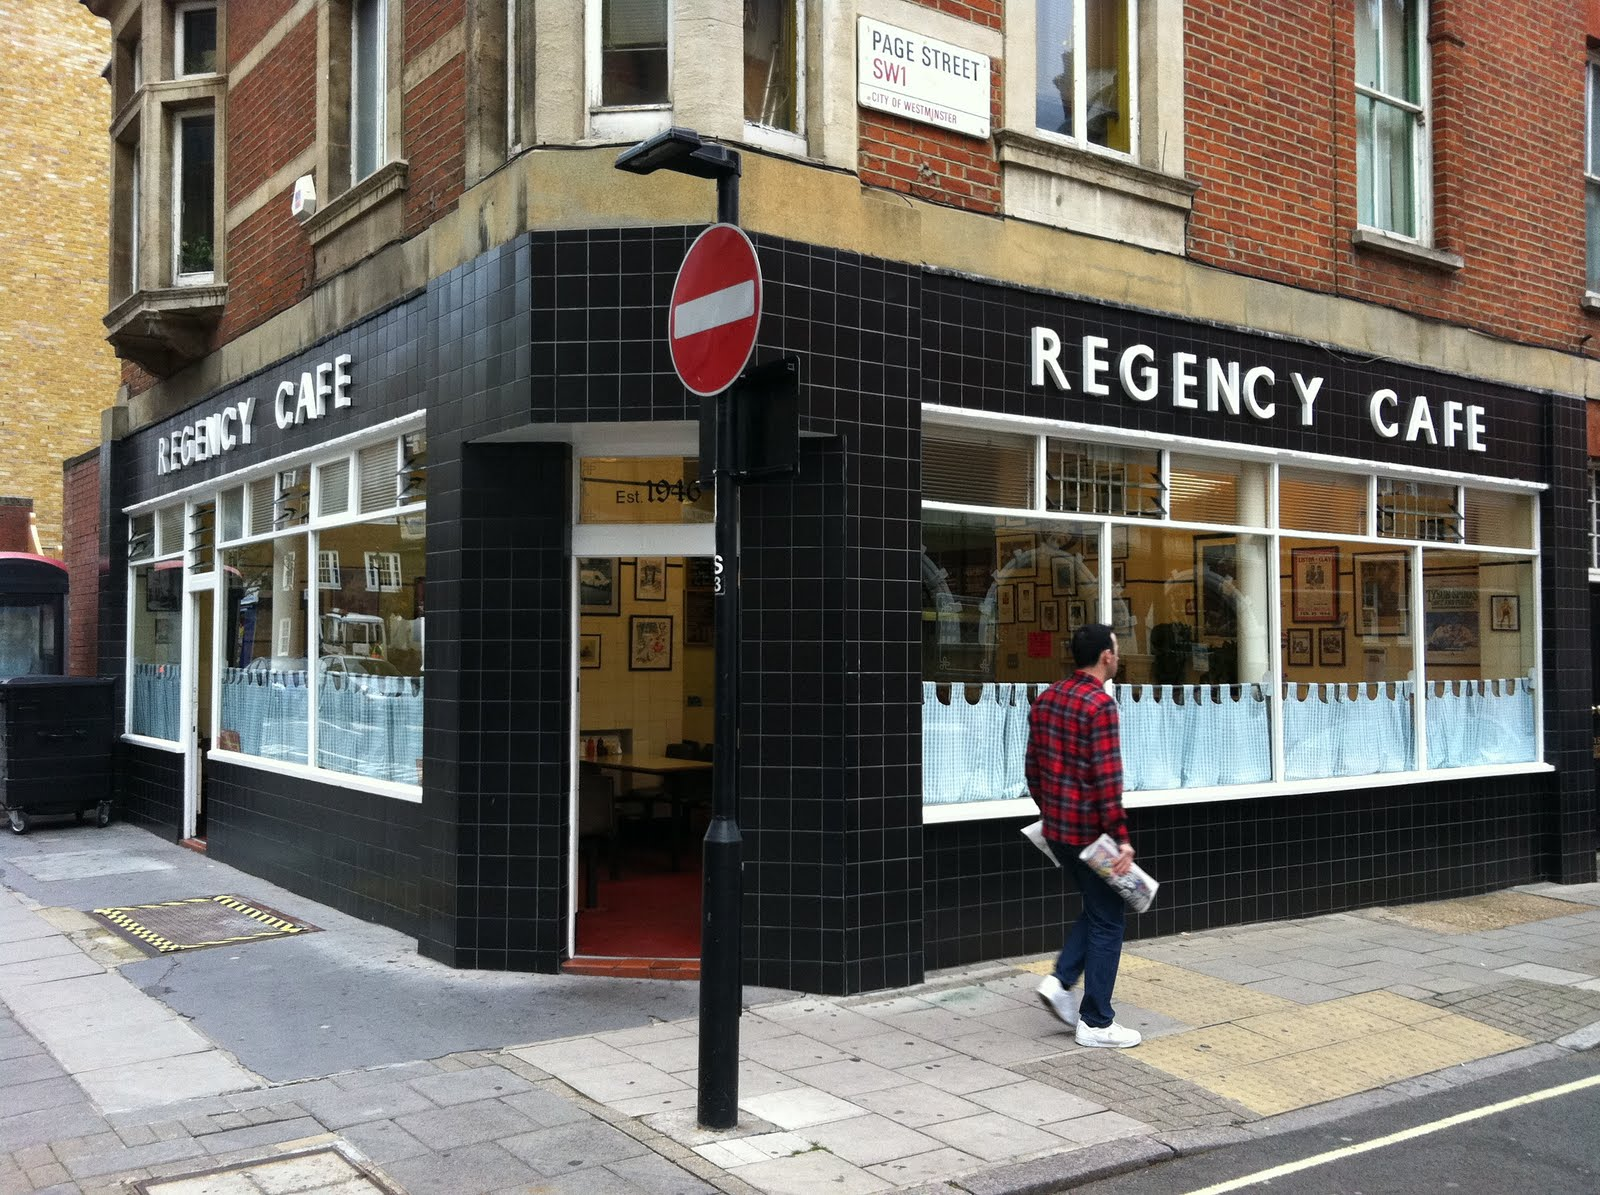 The Regency London Cafe